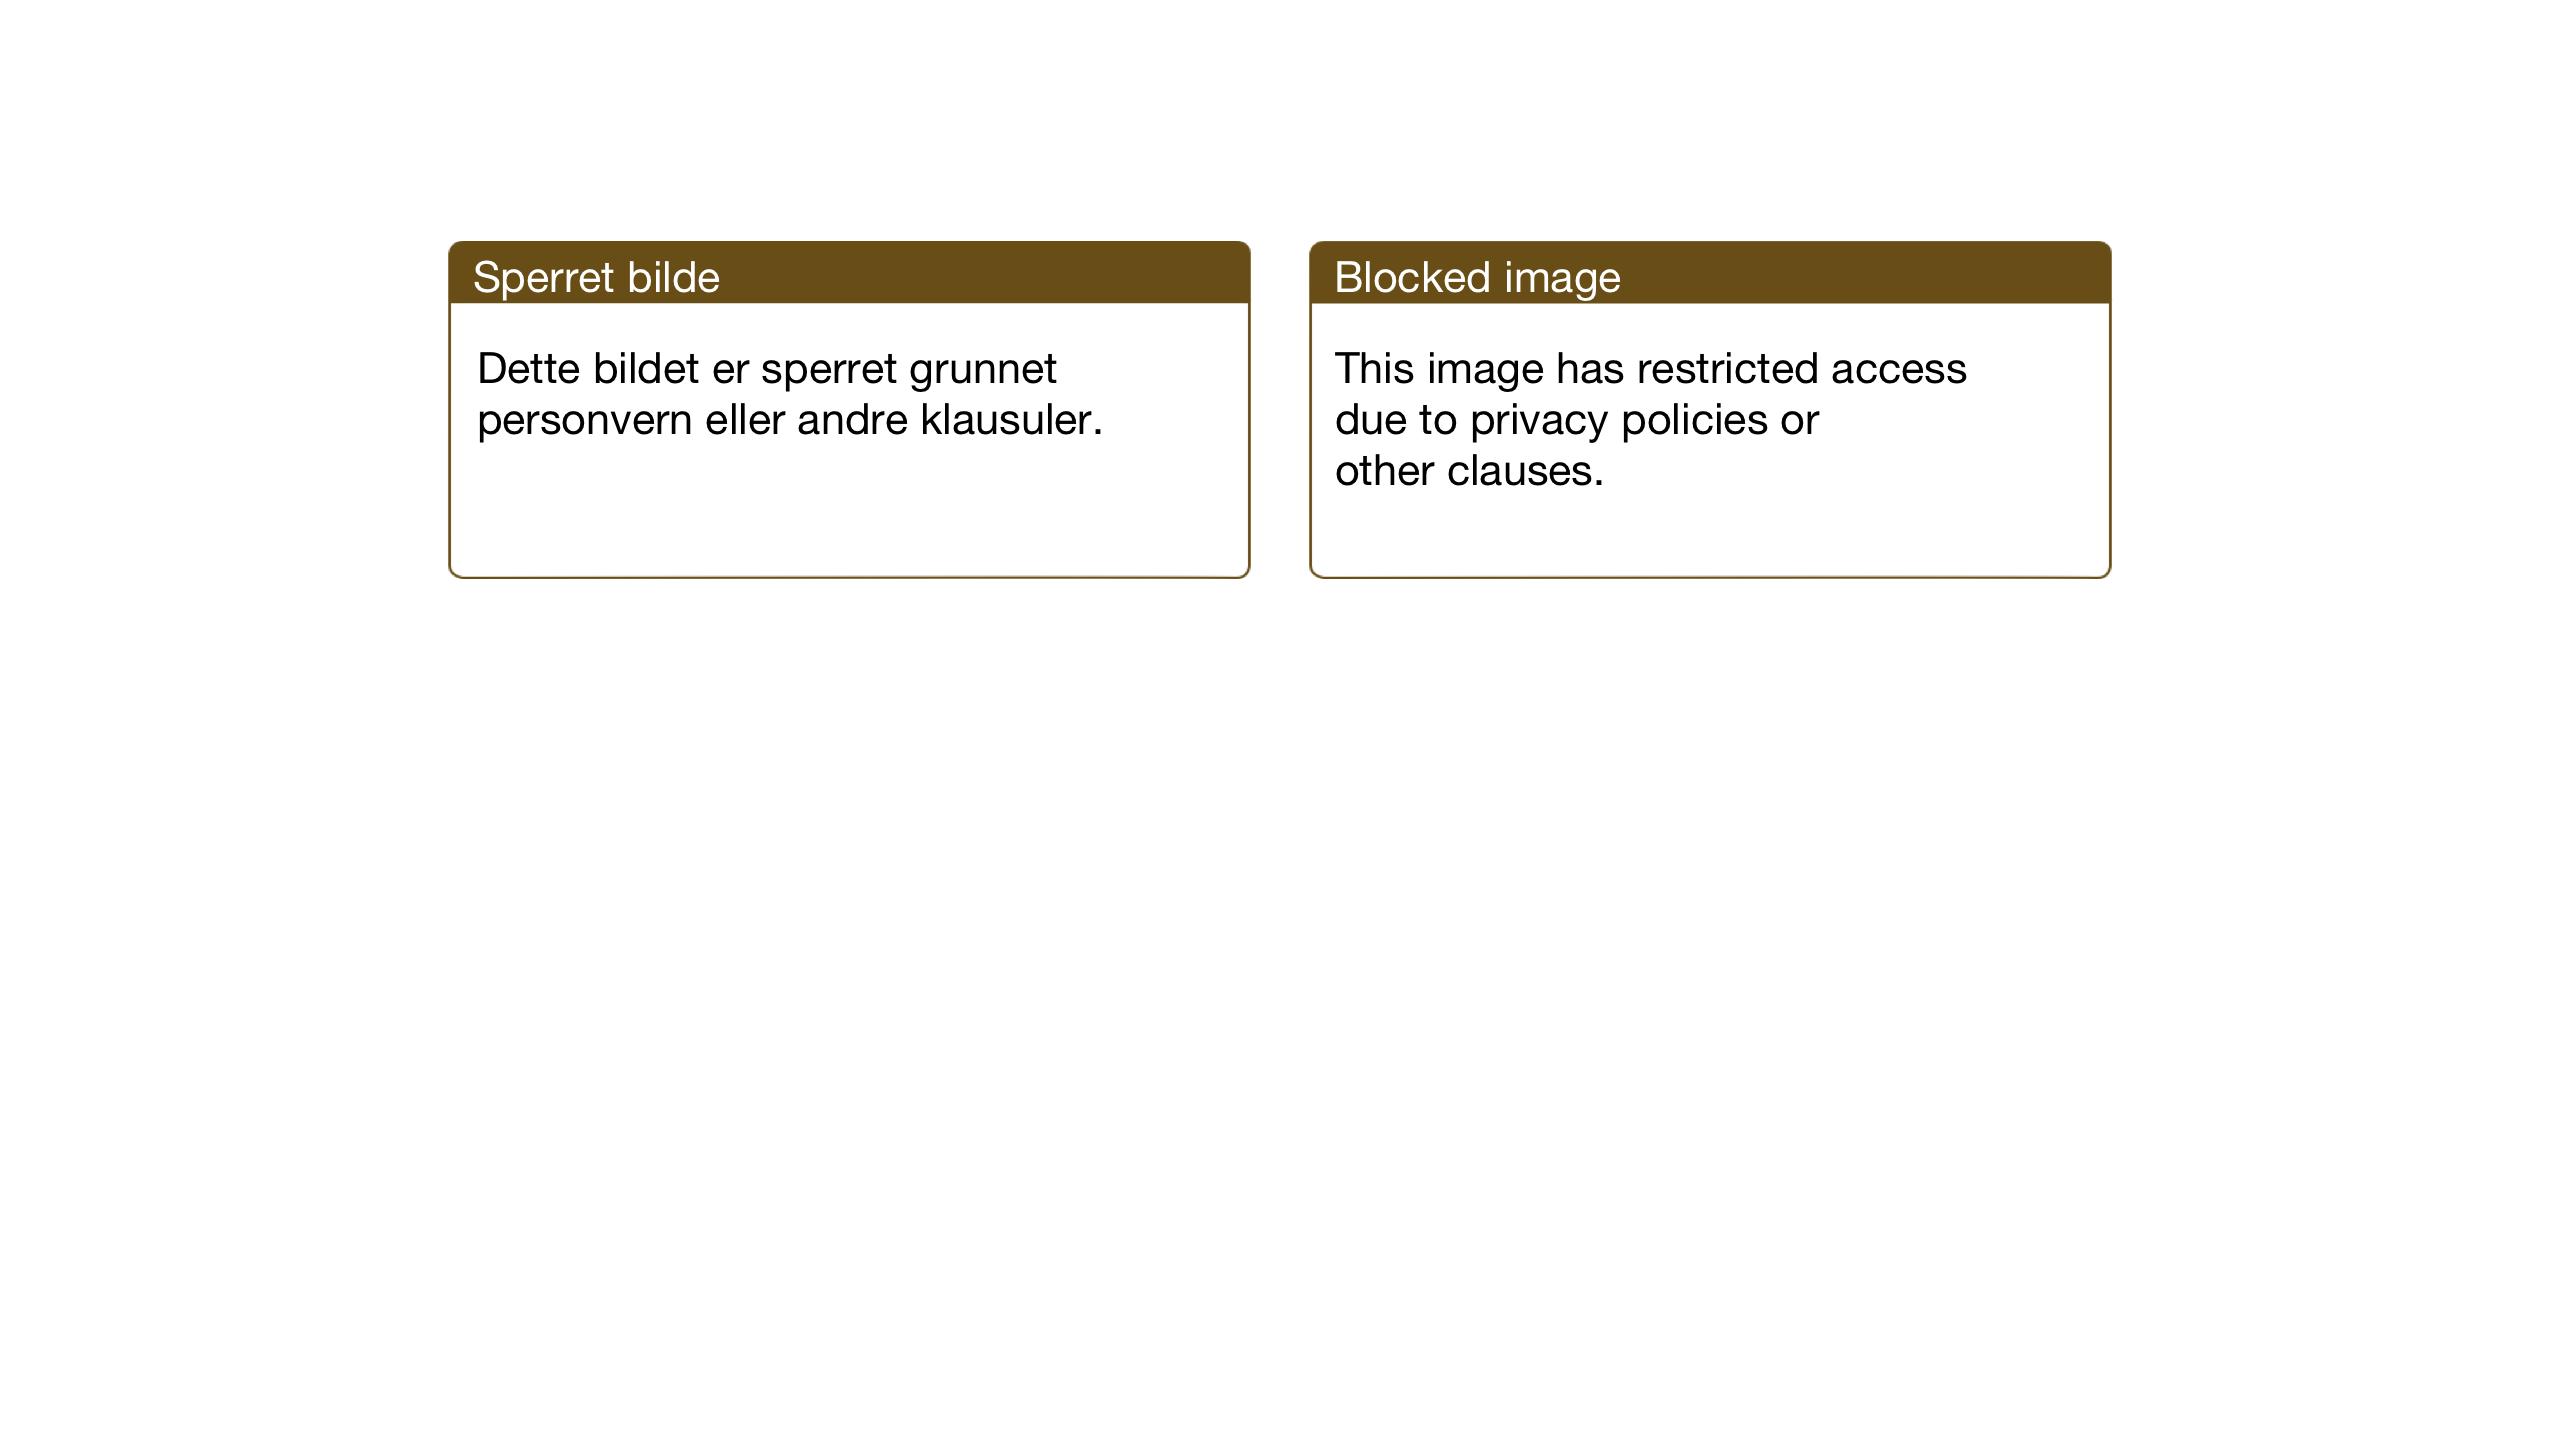 SAT, Ministerialprotokoller, klokkerbøker og fødselsregistre - Sør-Trøndelag, 690/L1053: Klokkerbok nr. 690C03, 1930-1947, s. 46